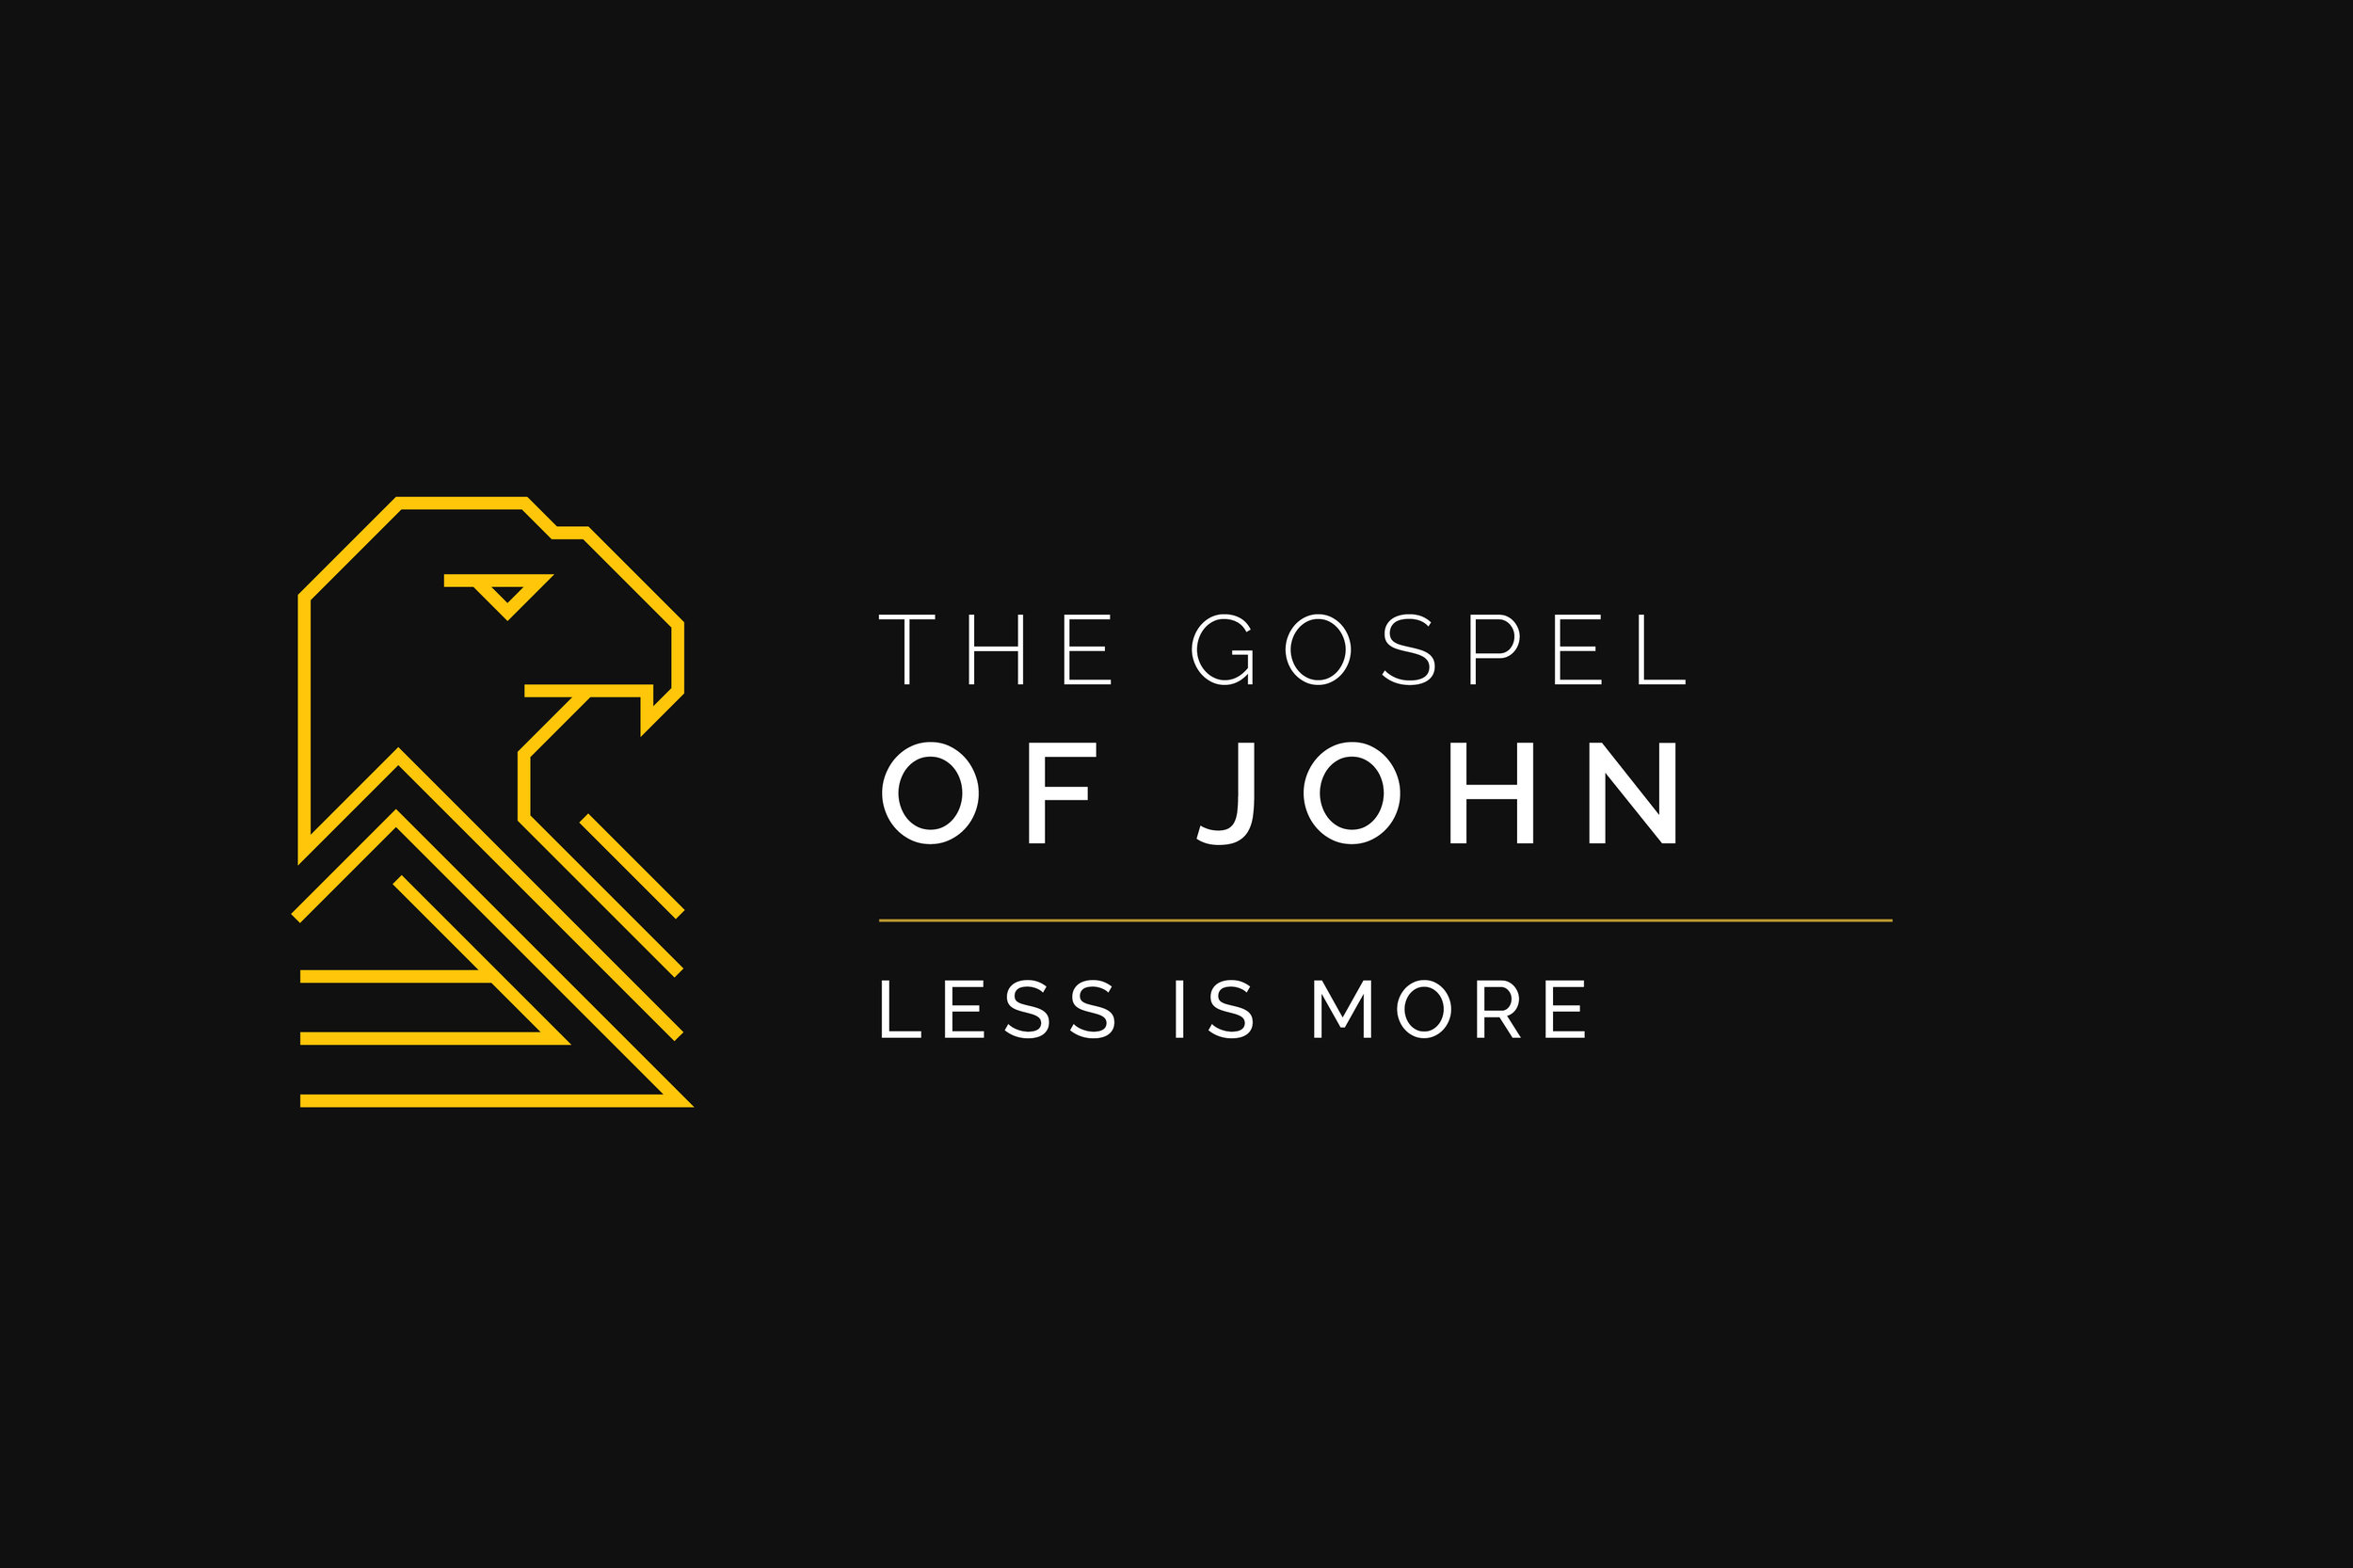 The-Gospel-of-John-less-is-more.jpg